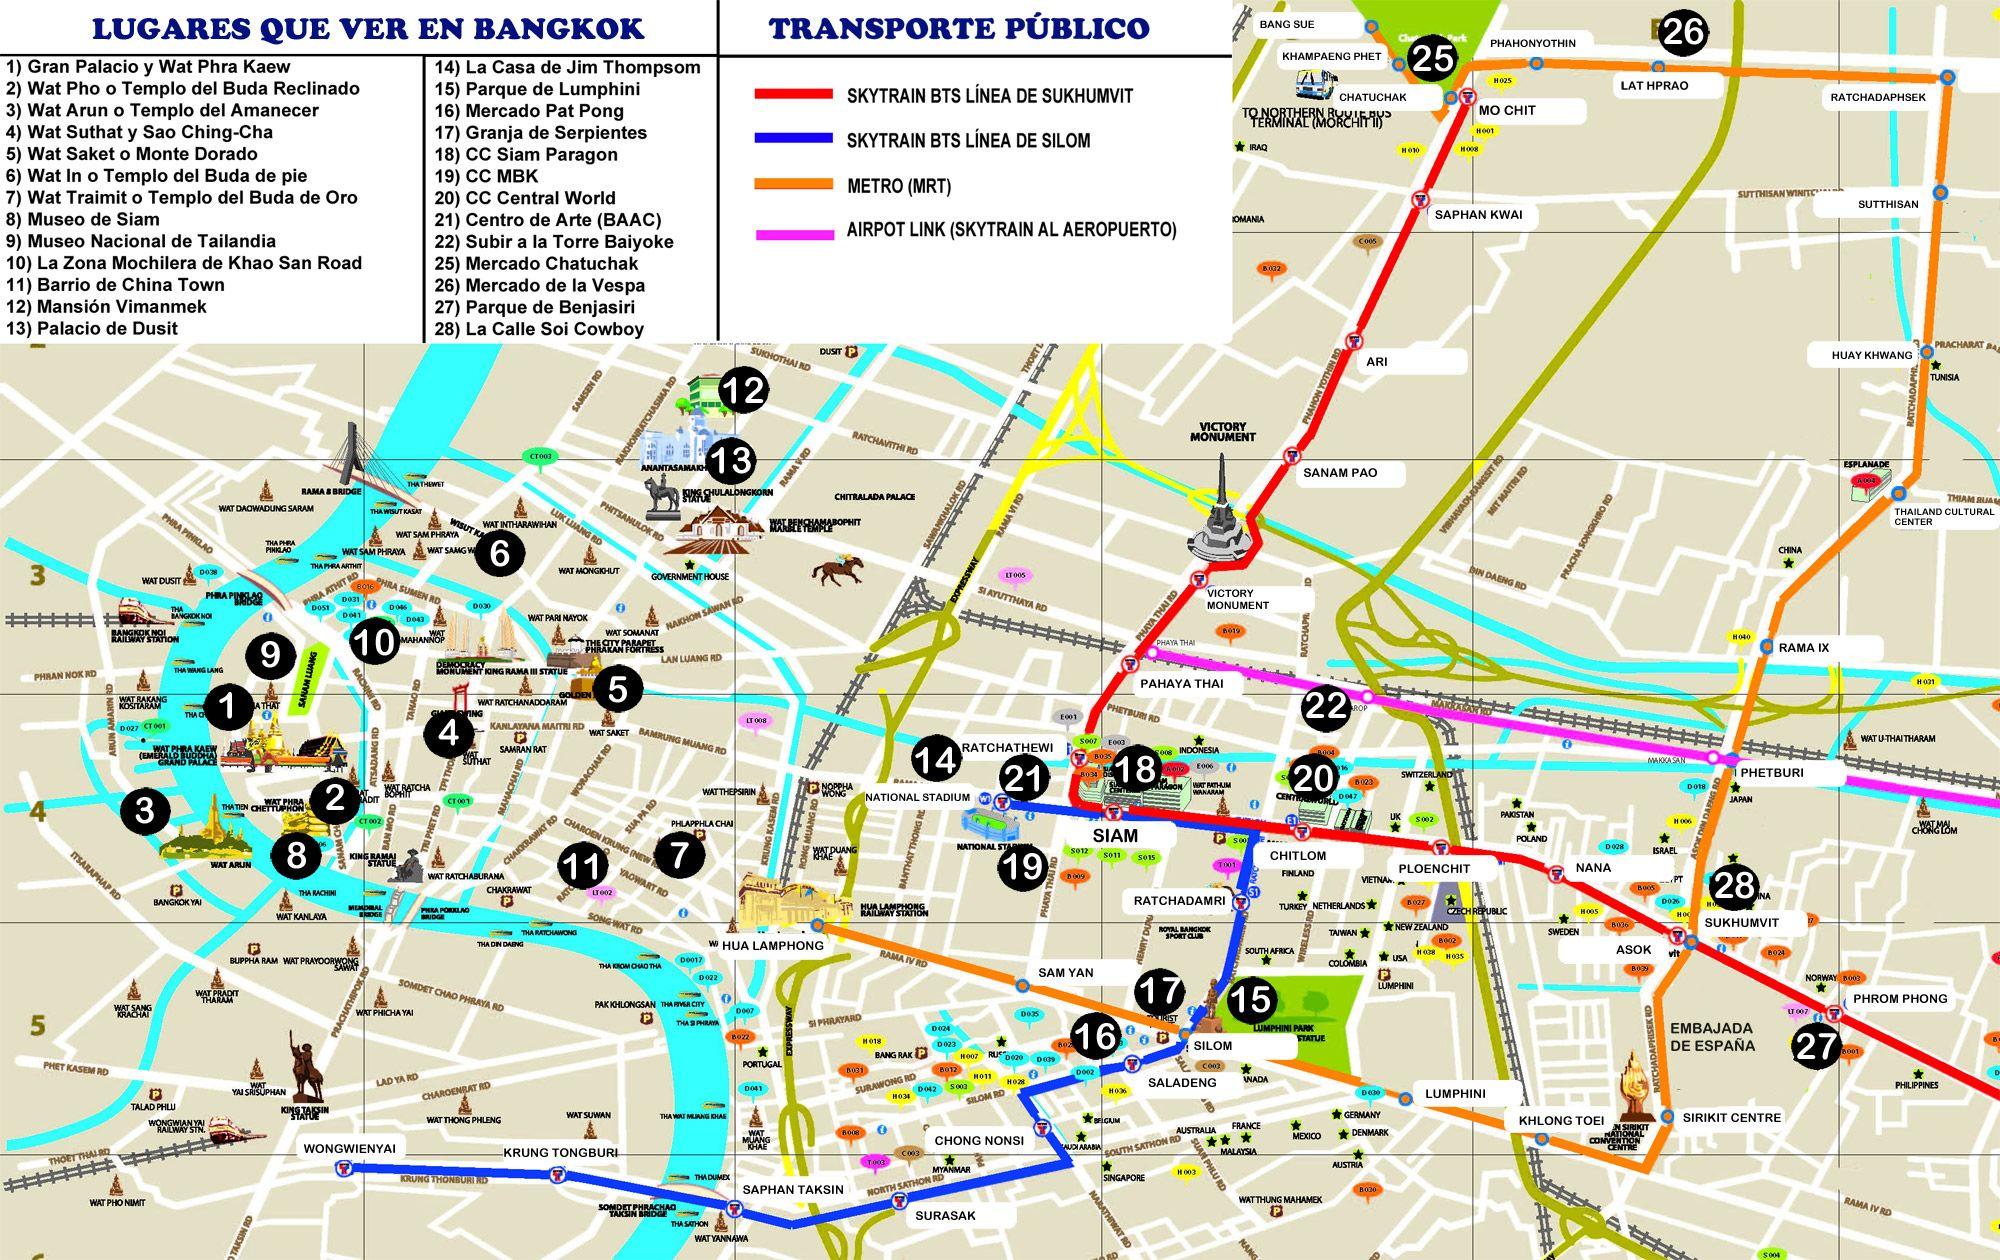 Mapa turistico de bangkok definitivo thailand for B b new york centro